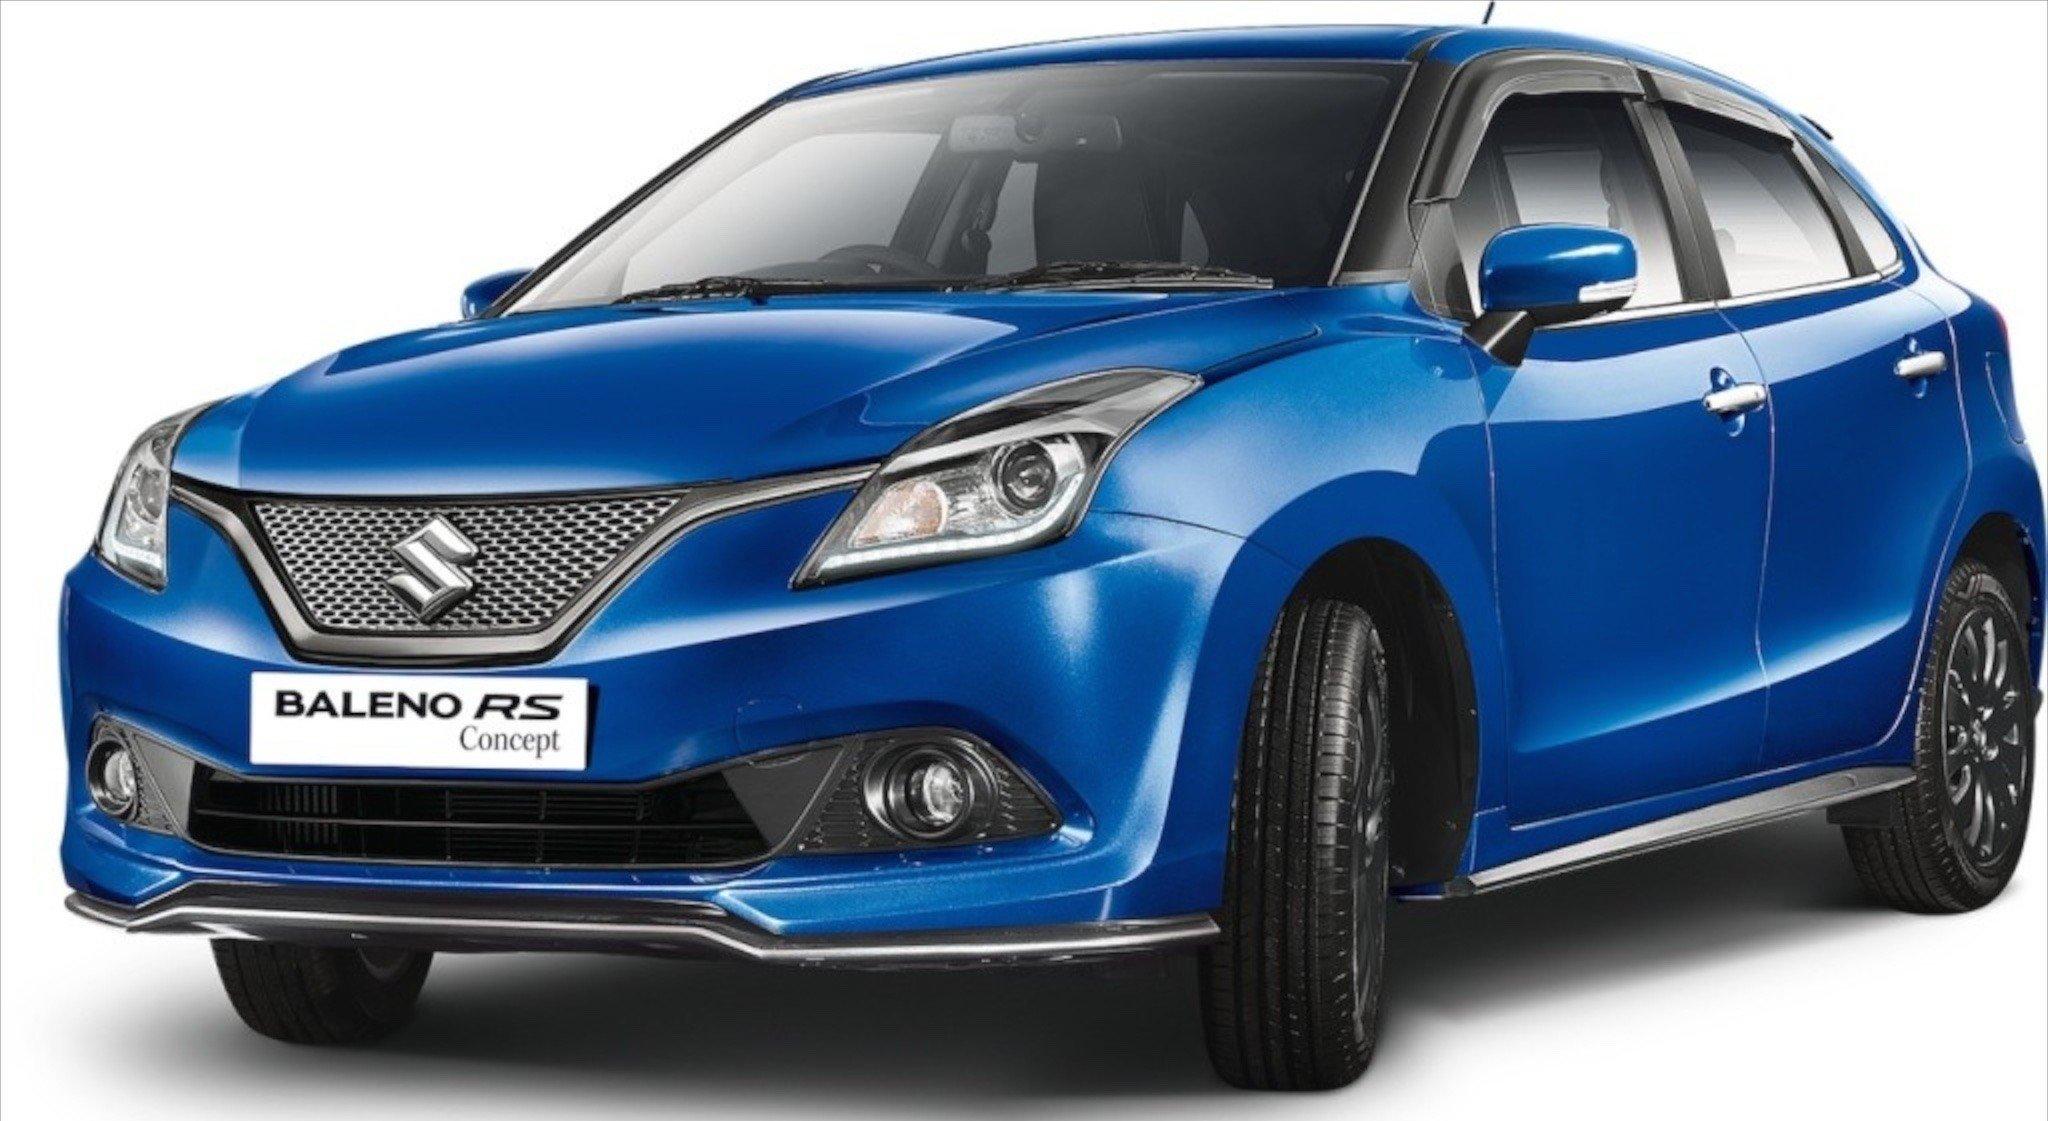 2016 Delhi Auto Expo Top 10 Concept Cars: Suzuki Baleno RS Concept Shown At Delhi Auto Expo